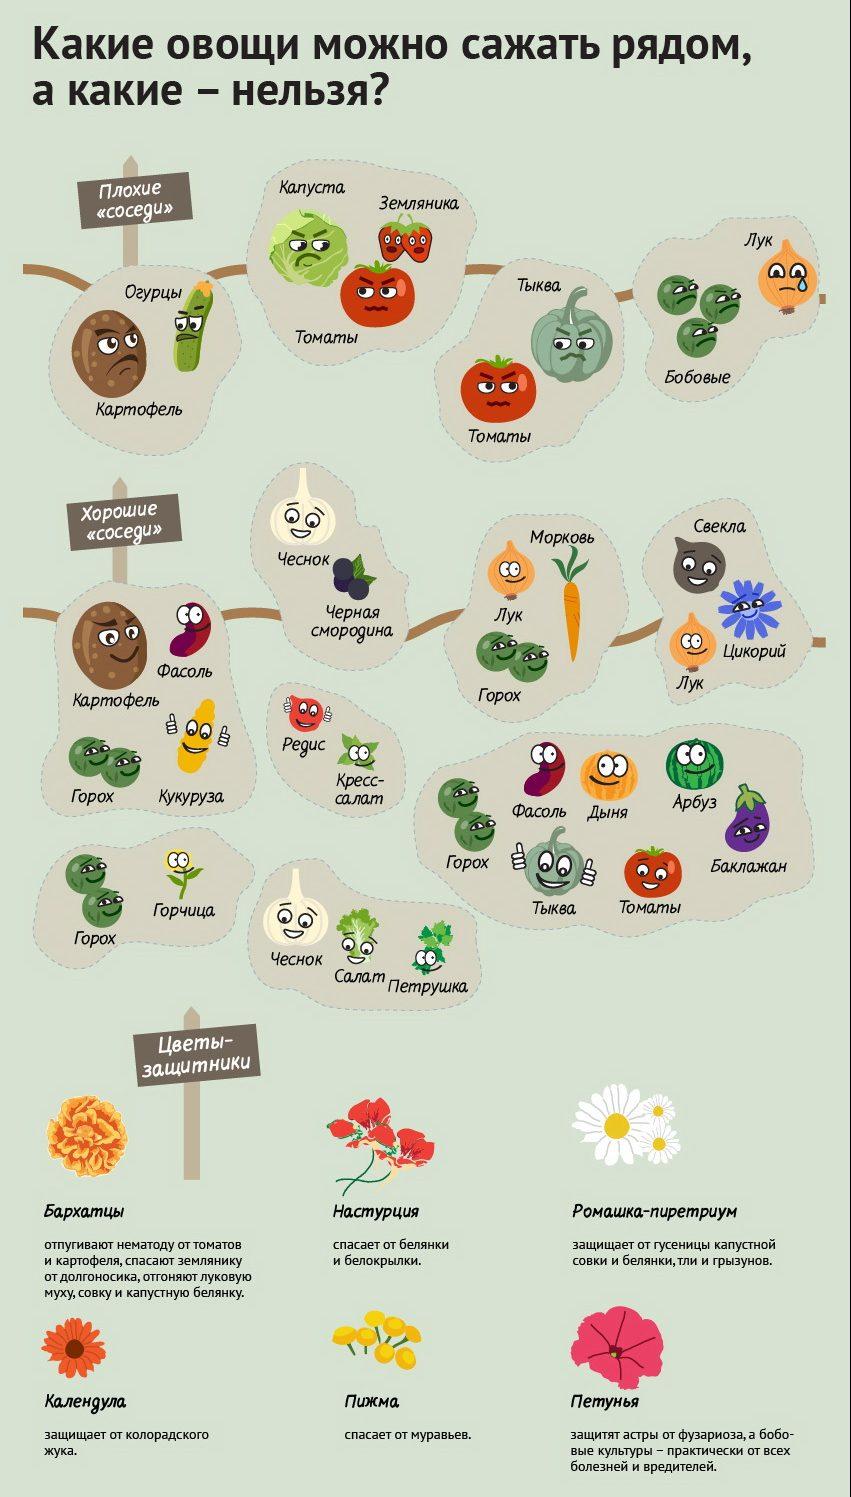 Плохие и хорошие соседи из овощей